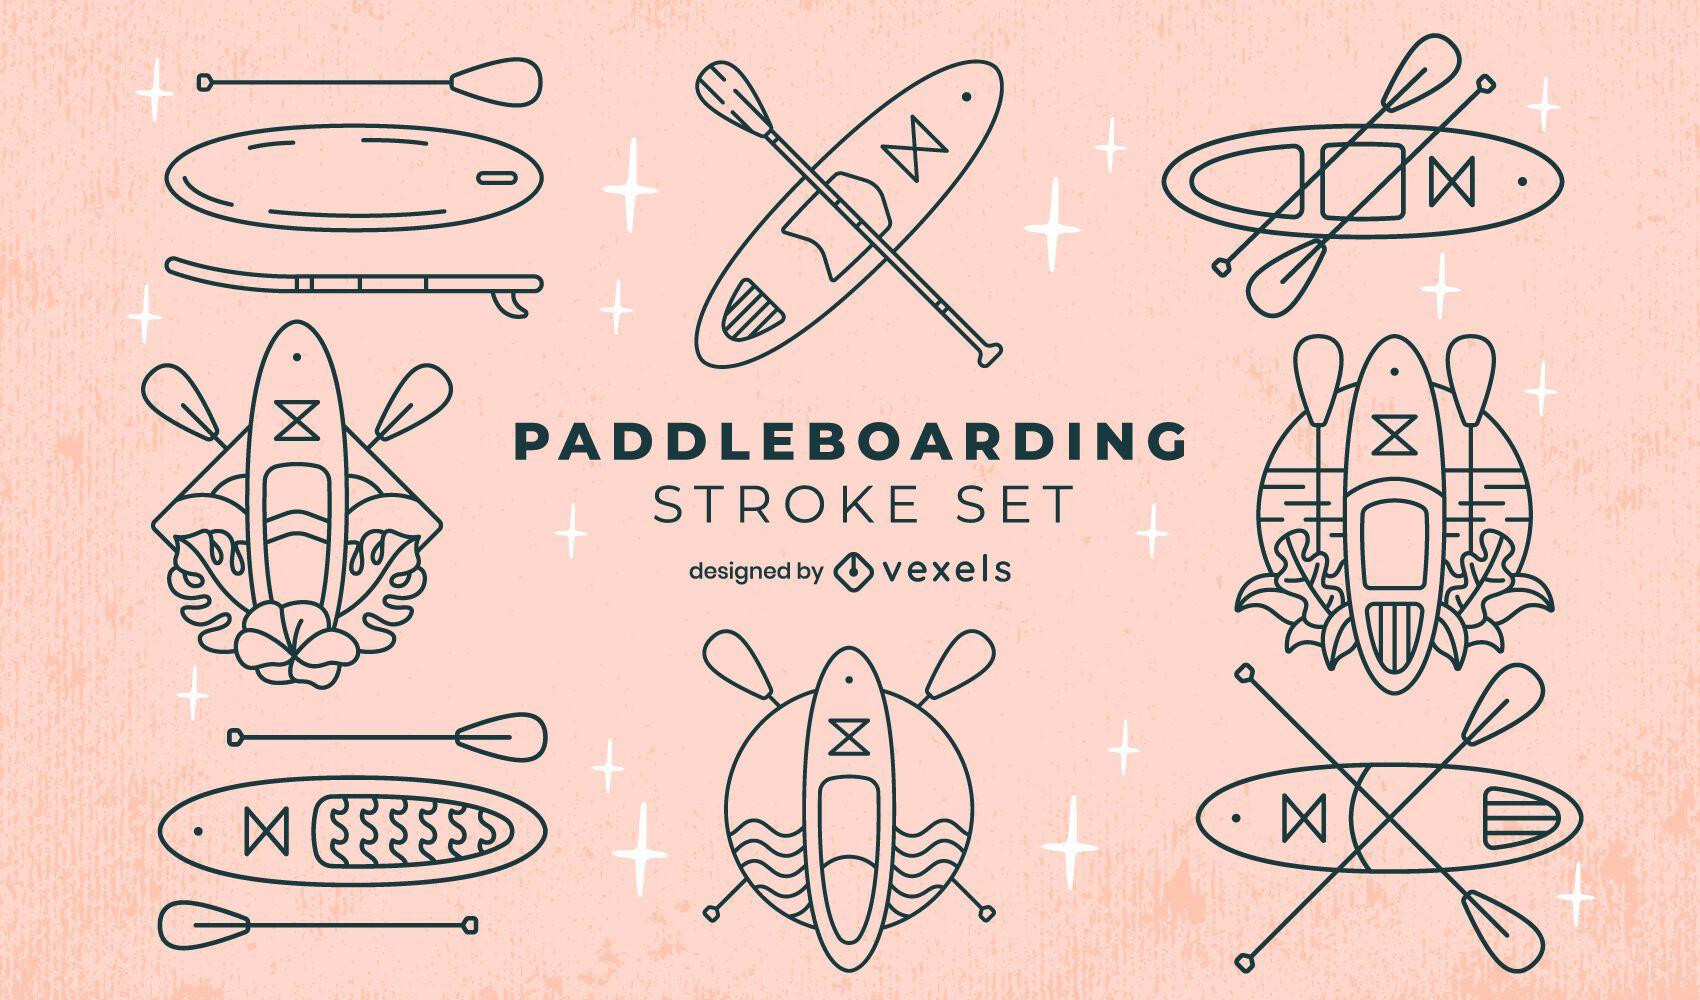 Equipo de paddleboarding juego de arte de línea de deportes acuáticos.